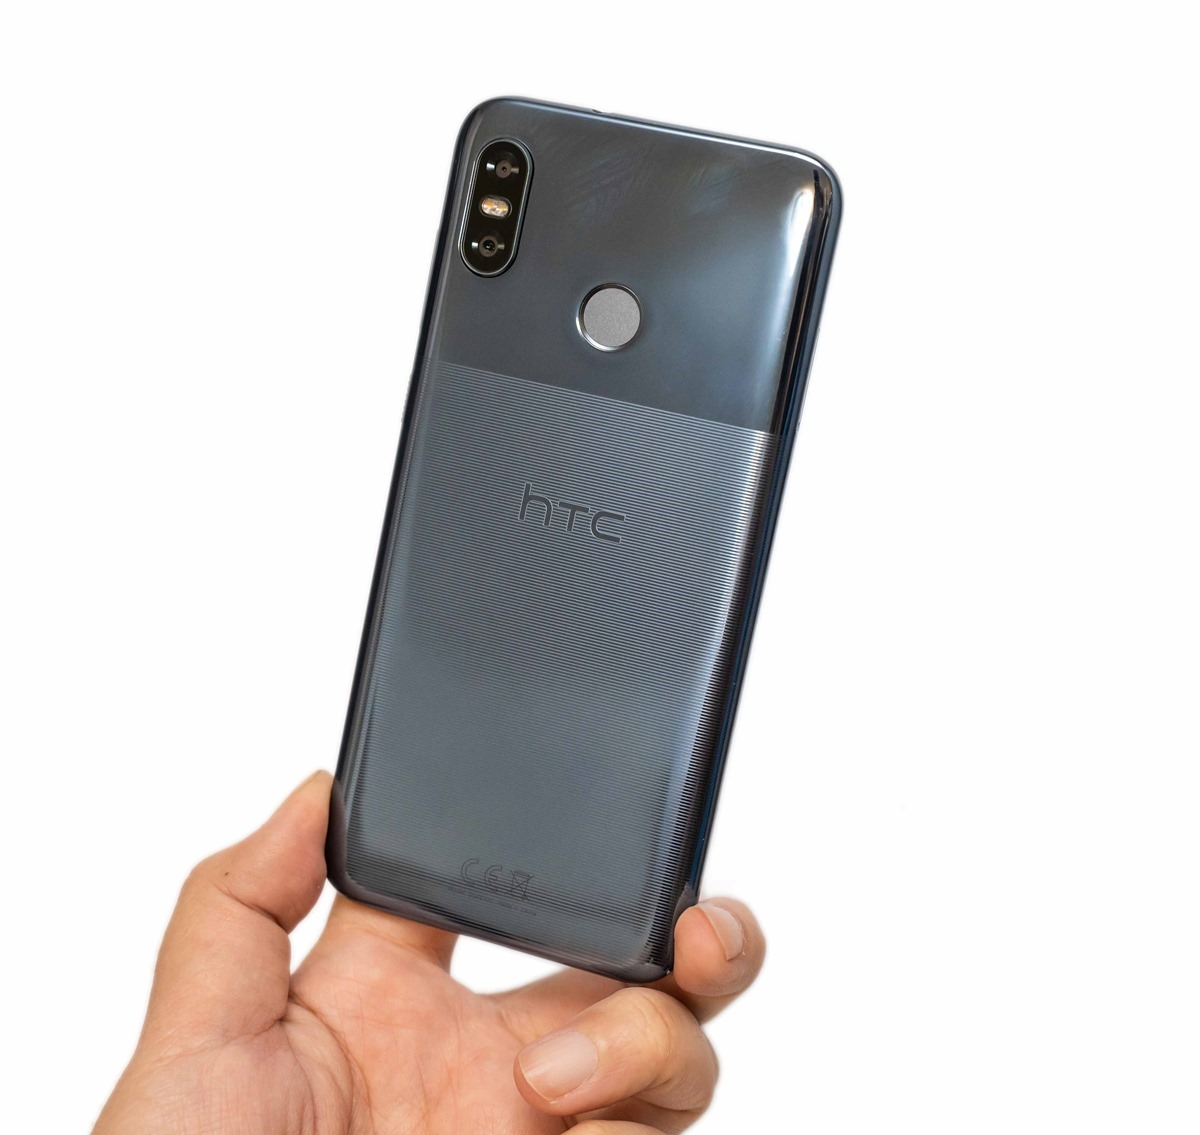 耀眼停駐這一刻,聰明相機、絕美設計,高 CP 值手機 HTC U12 life 登場 @3C 達人廖阿輝